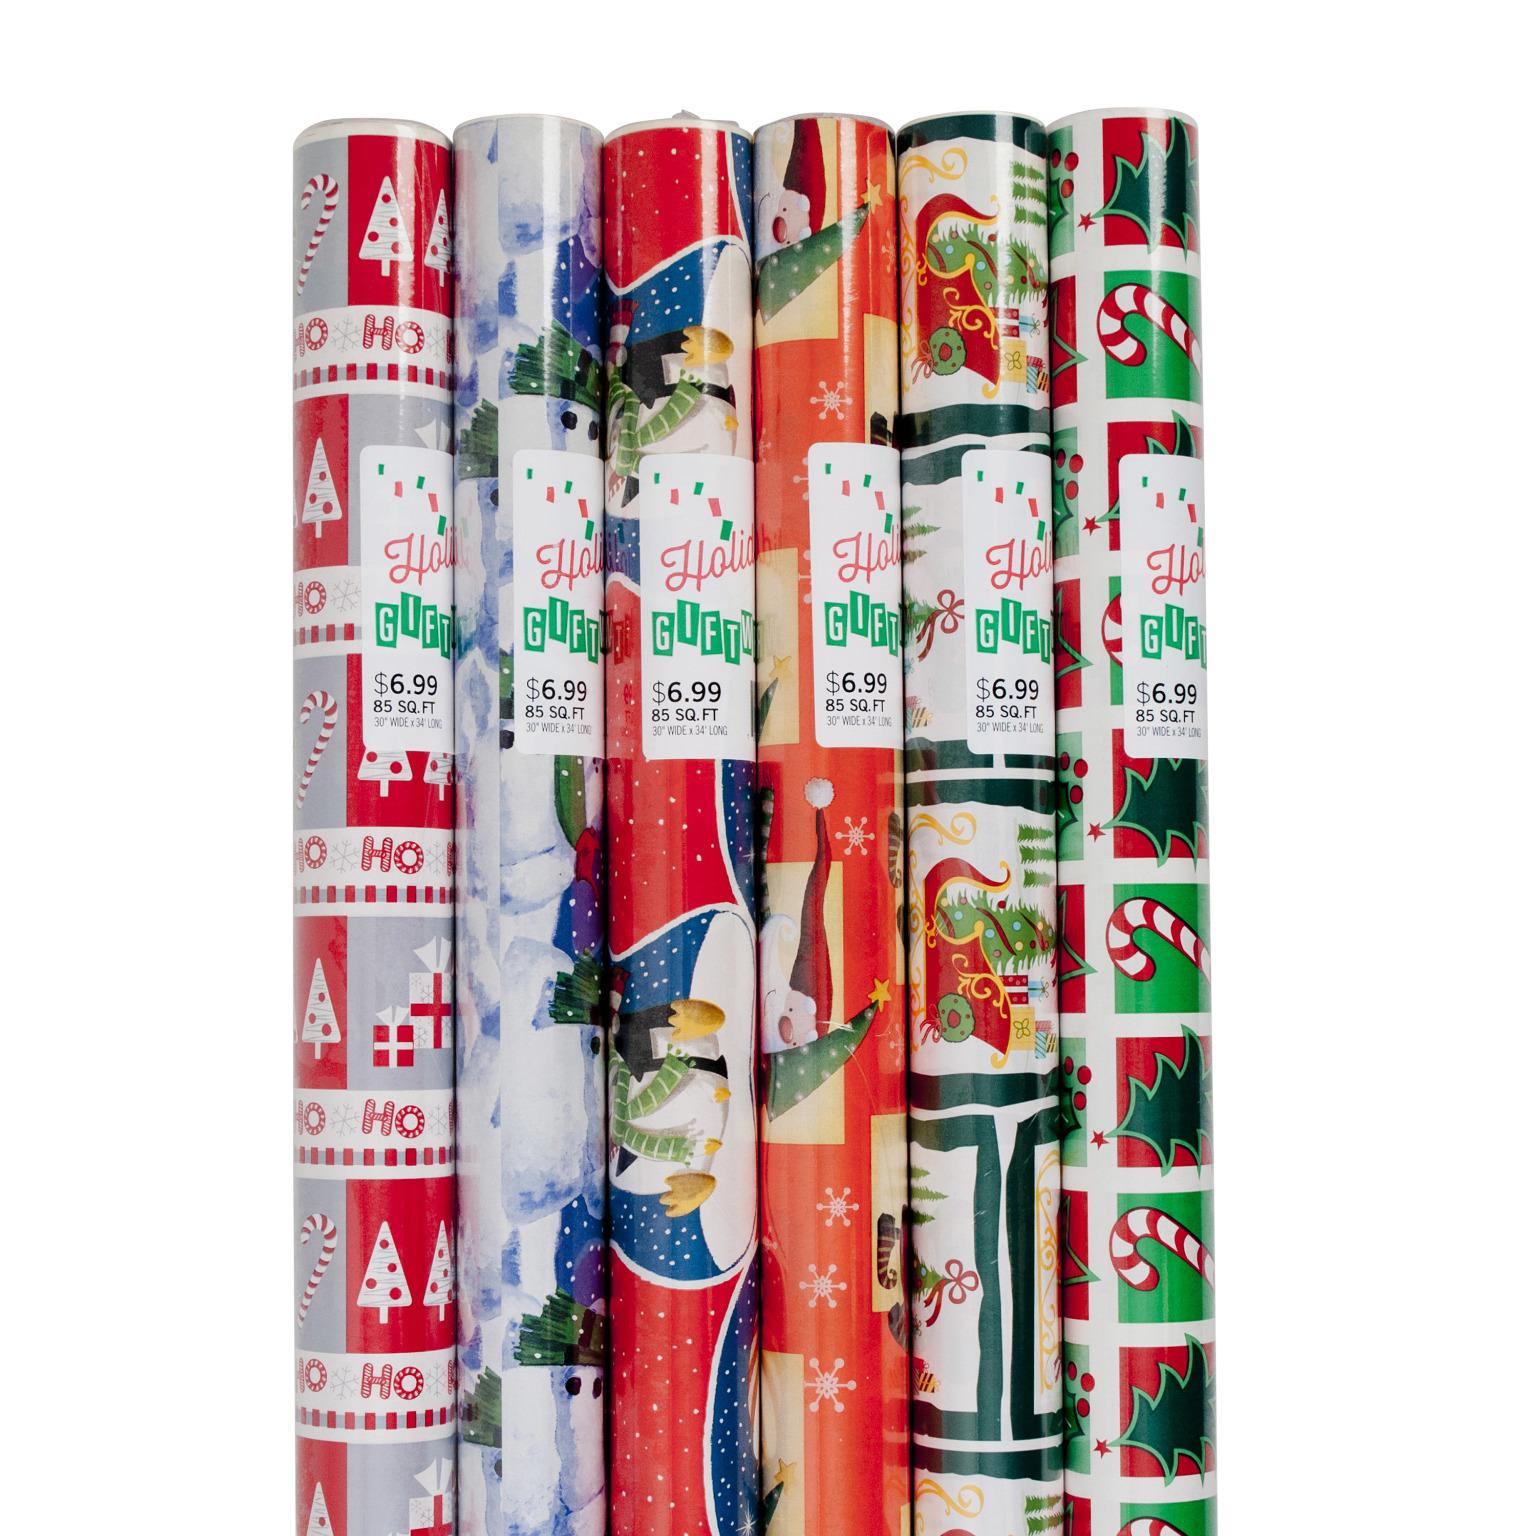 CHRISTMAS Gift Wrap 85 Sq. ft. (414355)